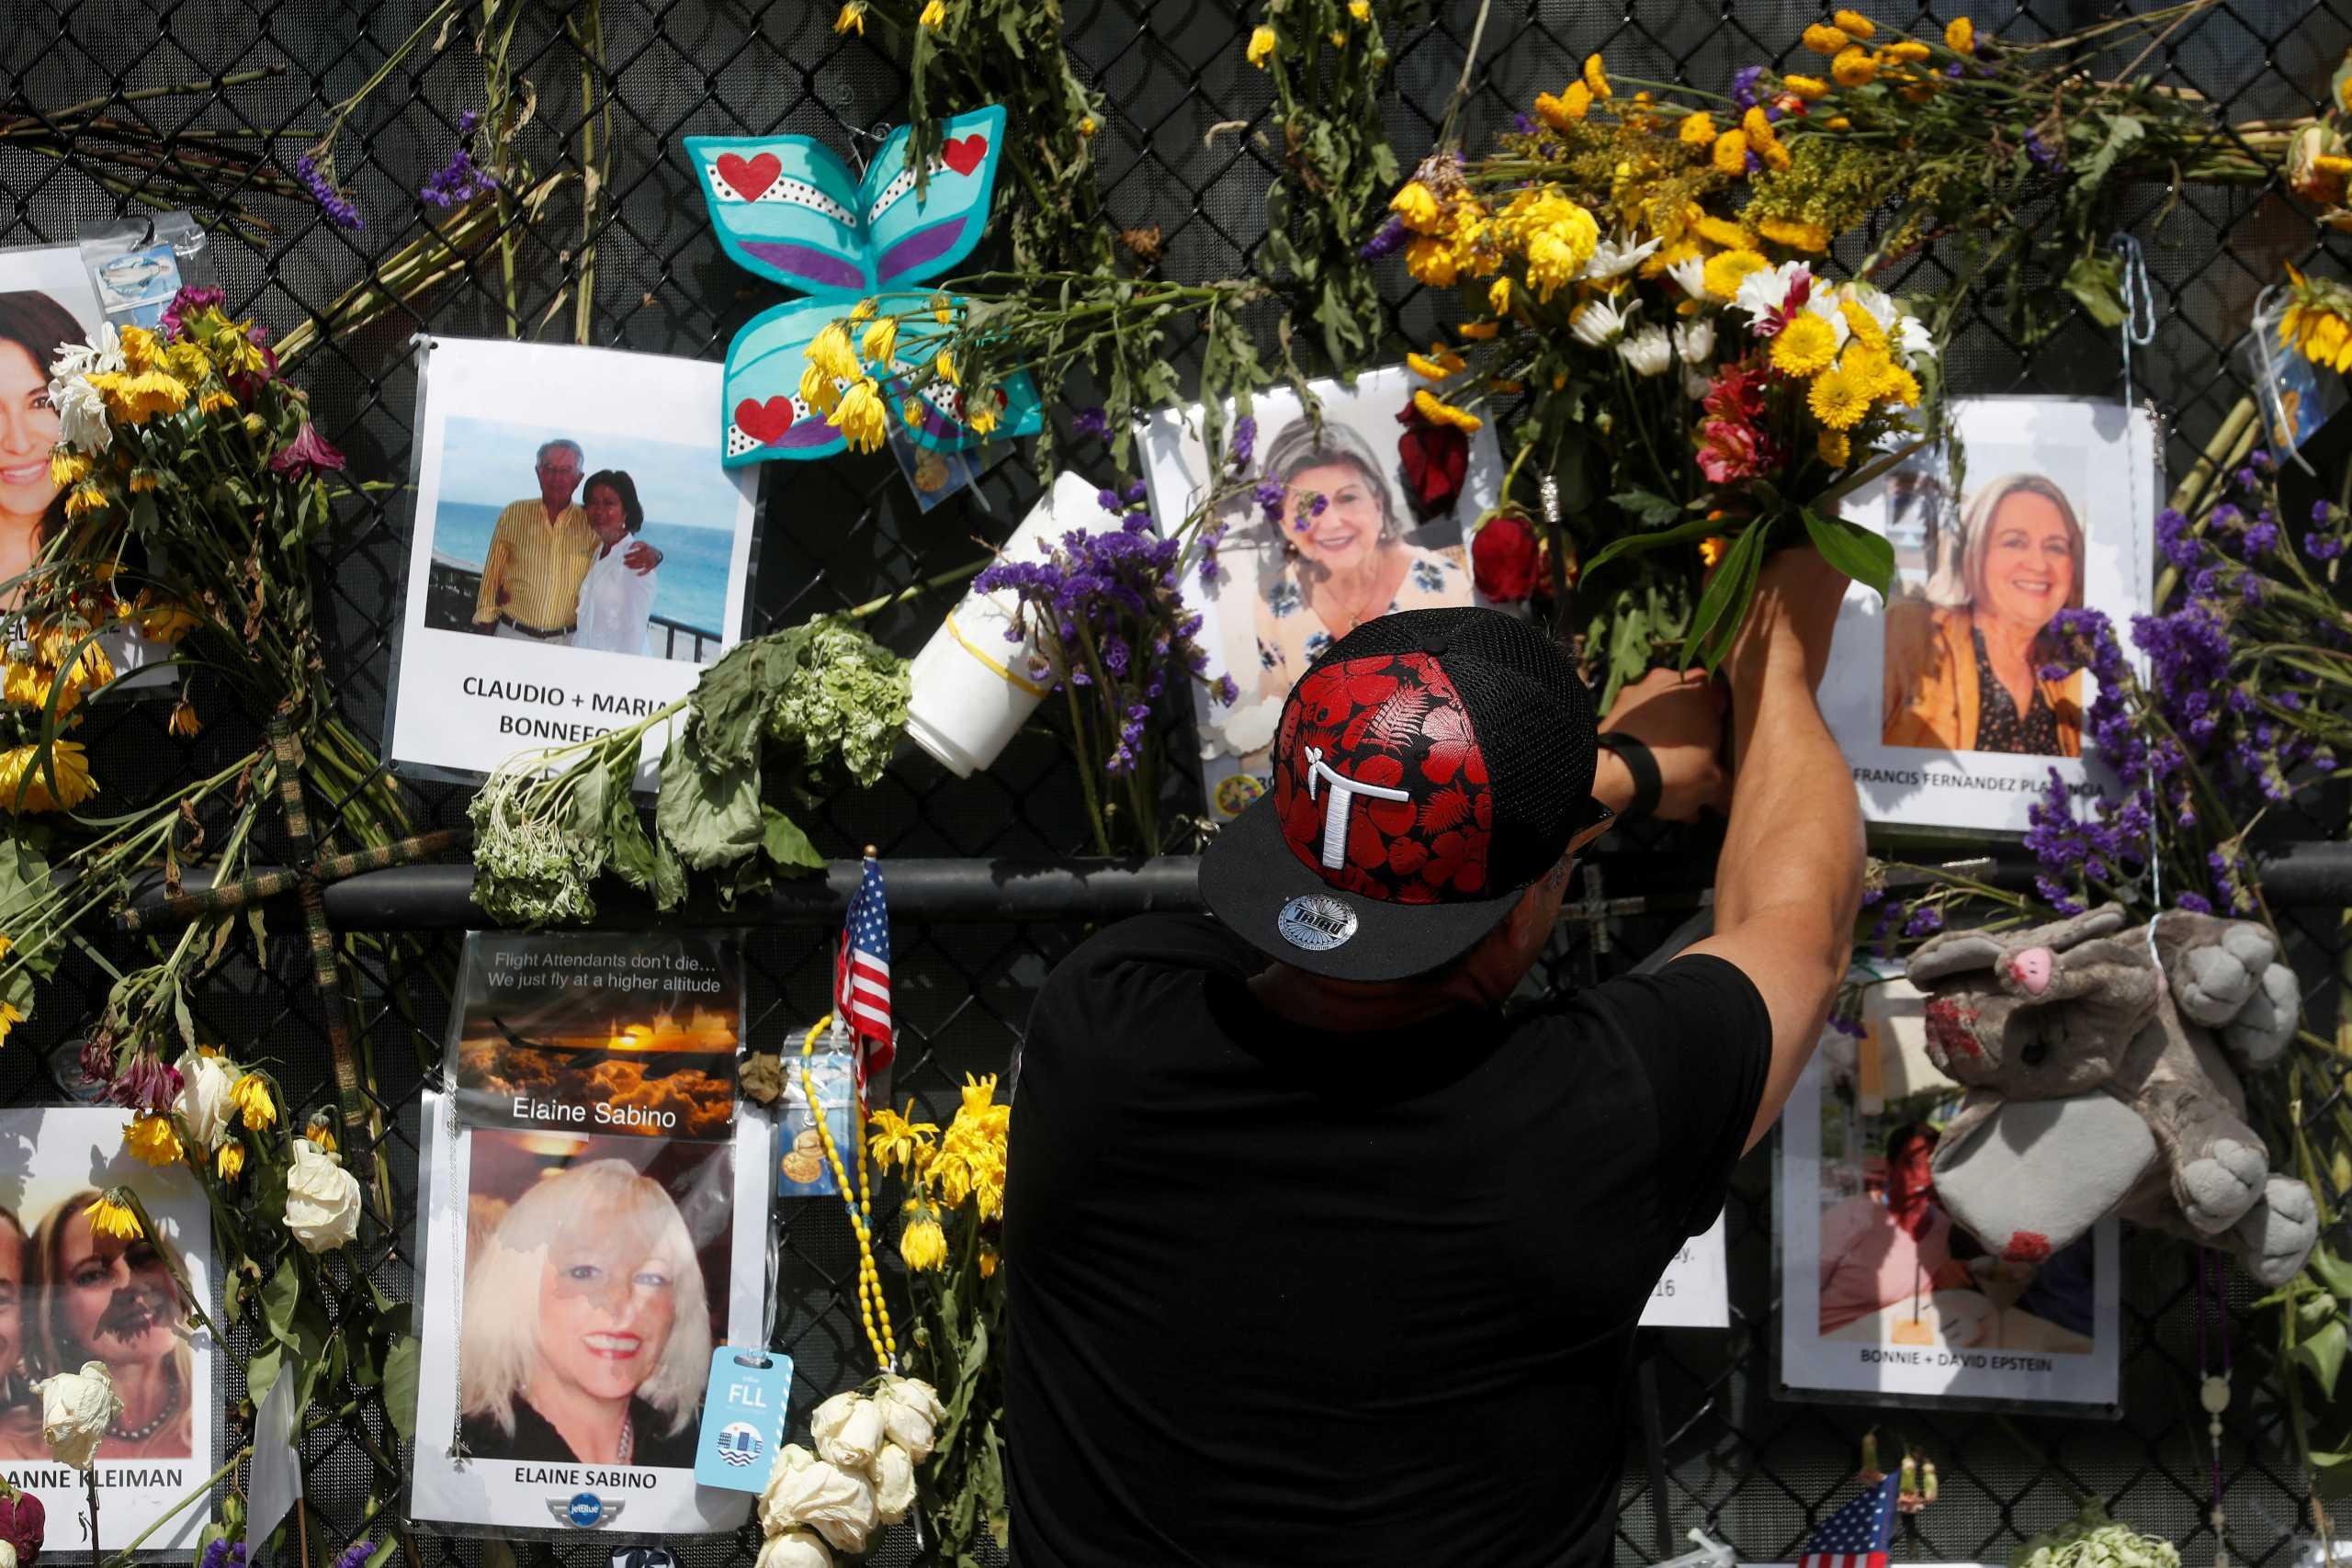 ΗΠΑ: 94 οι νεκροί από την κατάρρευση κτιρίου στη Φλόριντα